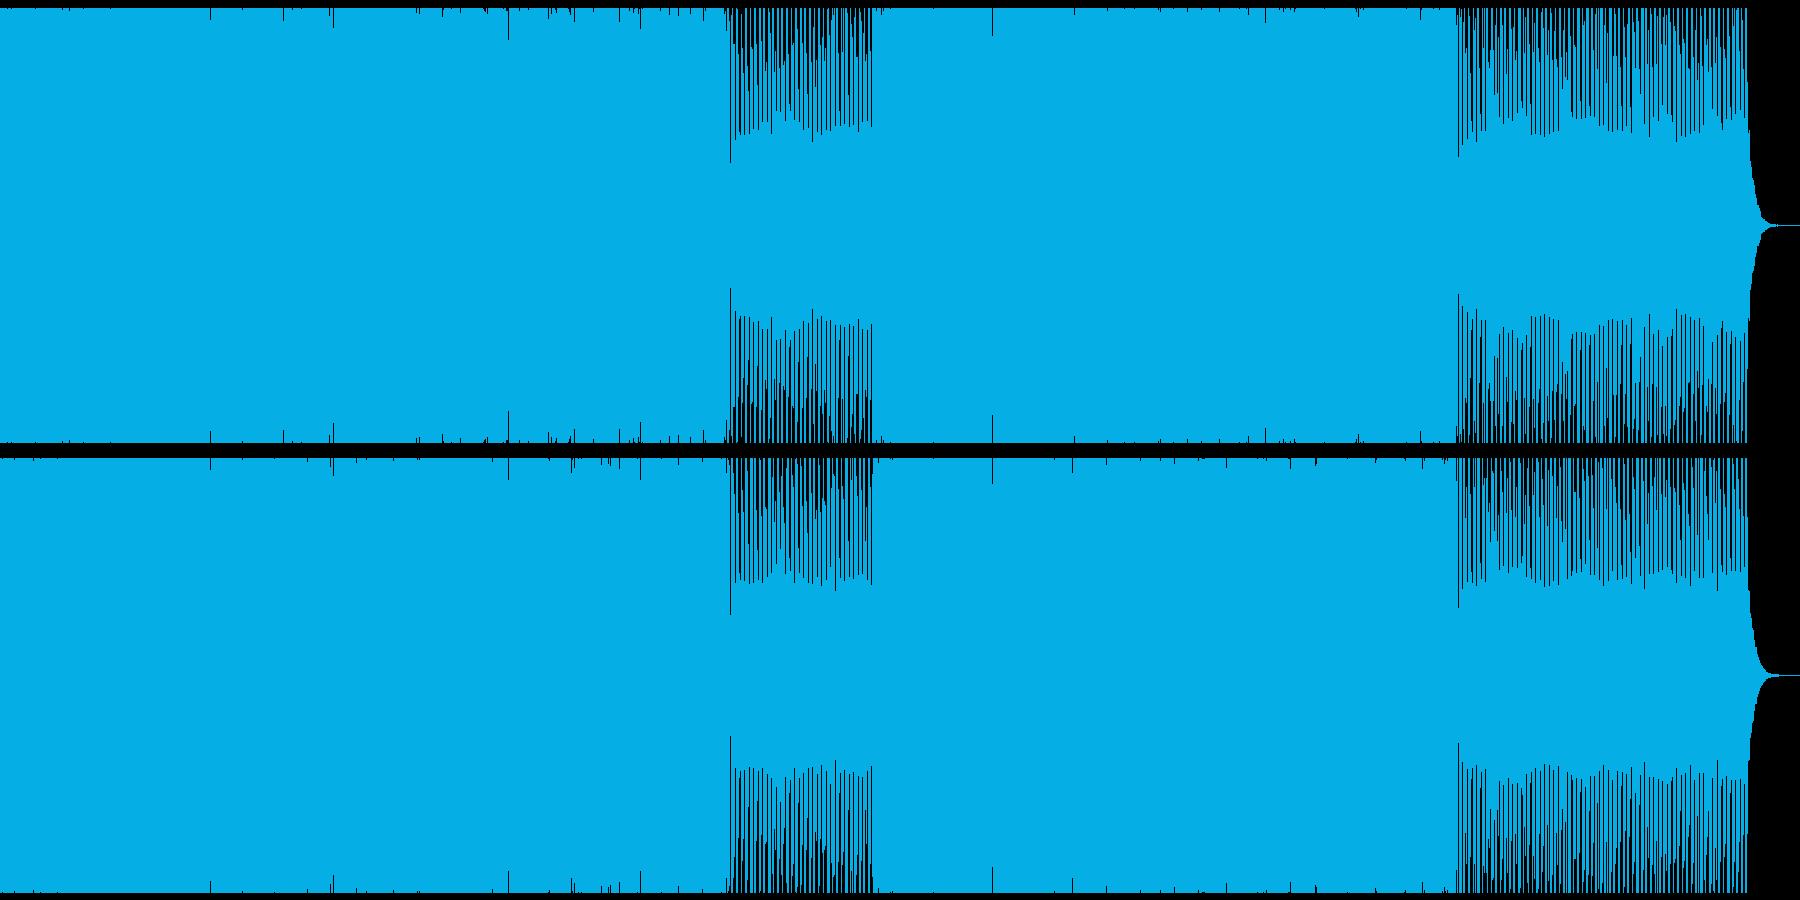 ダークな雰囲気のベースミュージックの再生済みの波形